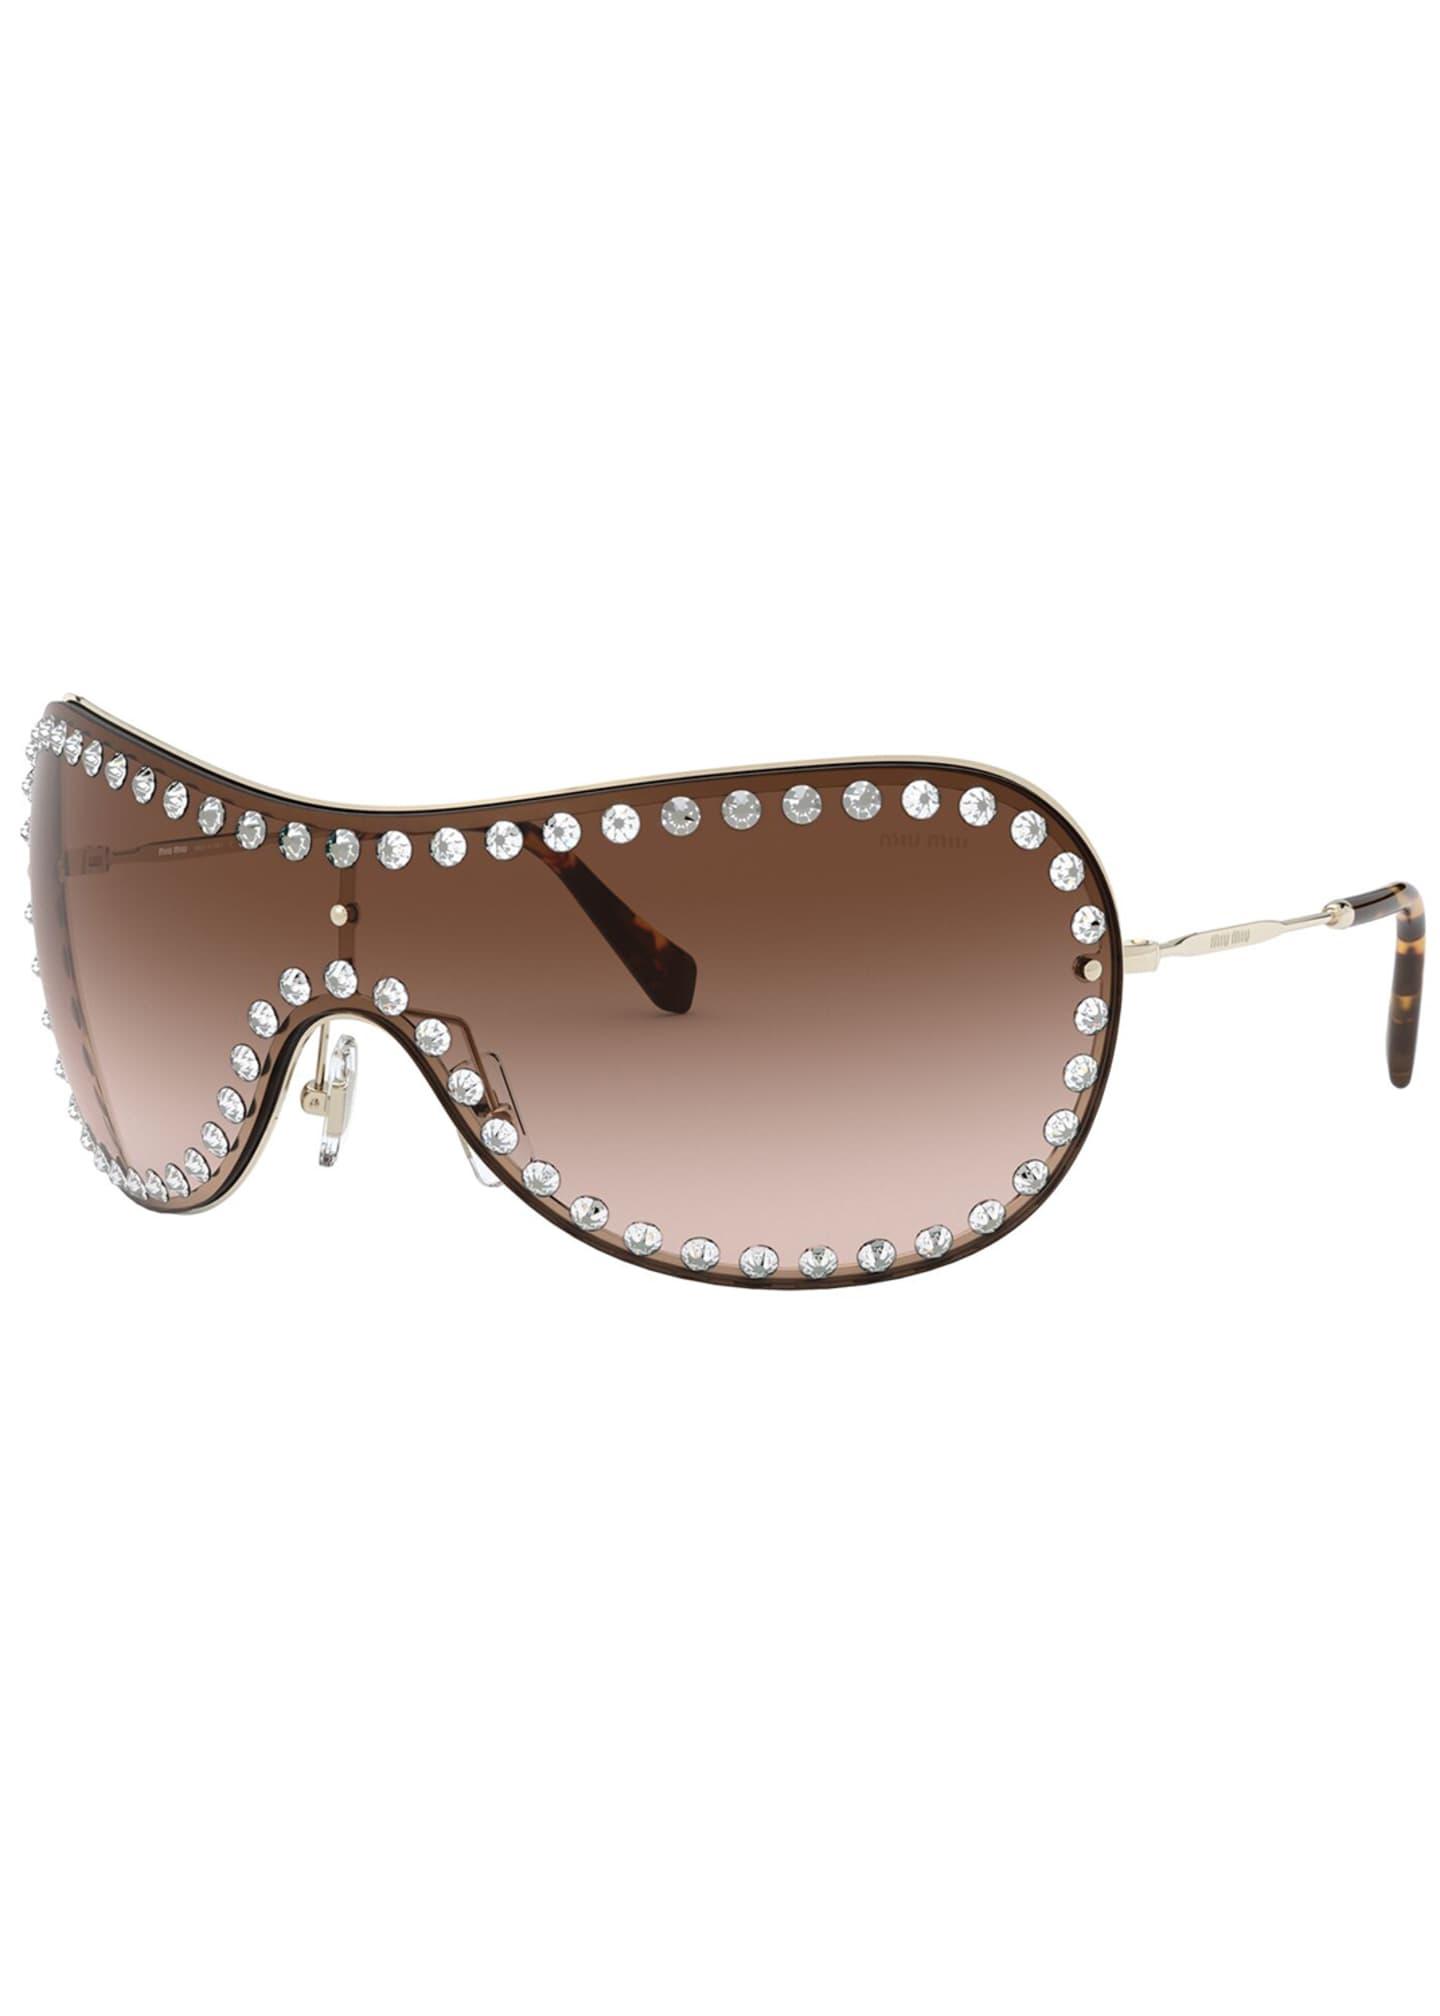 Miu Miu Wrap Shield Sunglasses w/ Crystal Trim